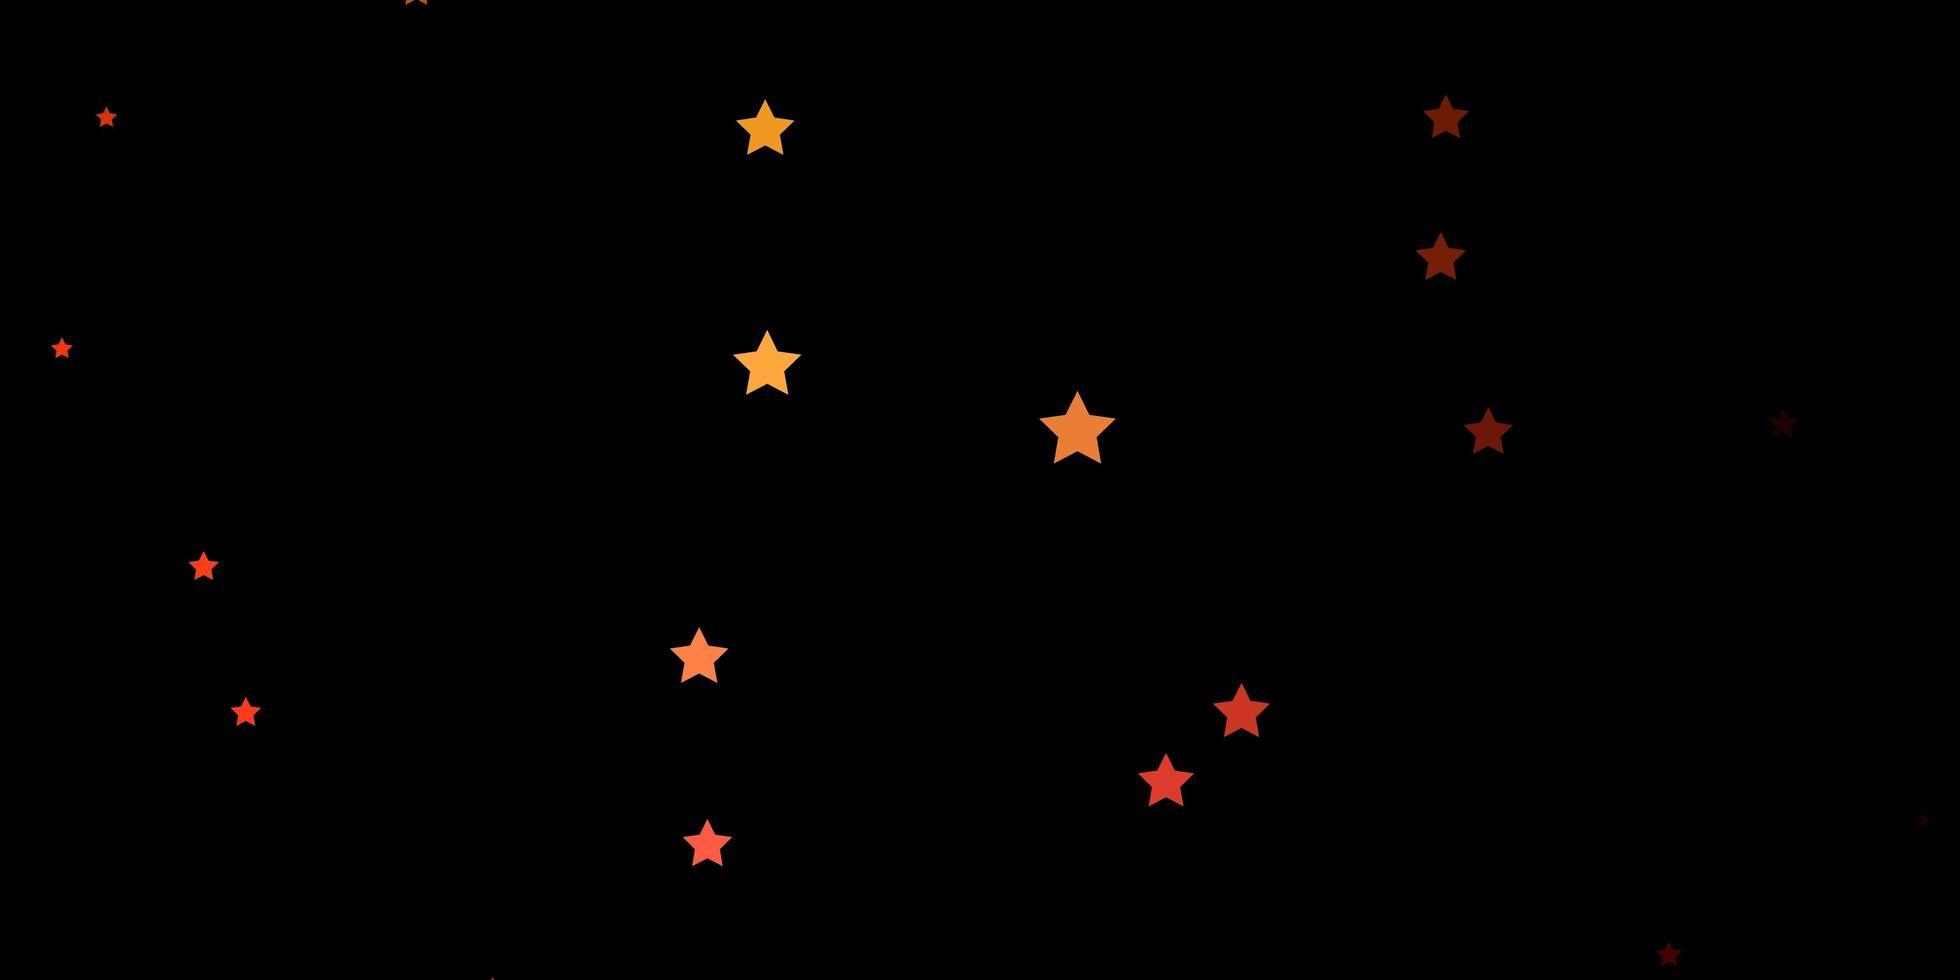 dunkelrote, gelbe Vektorbeschaffenheit mit schönen Sternen. vektor